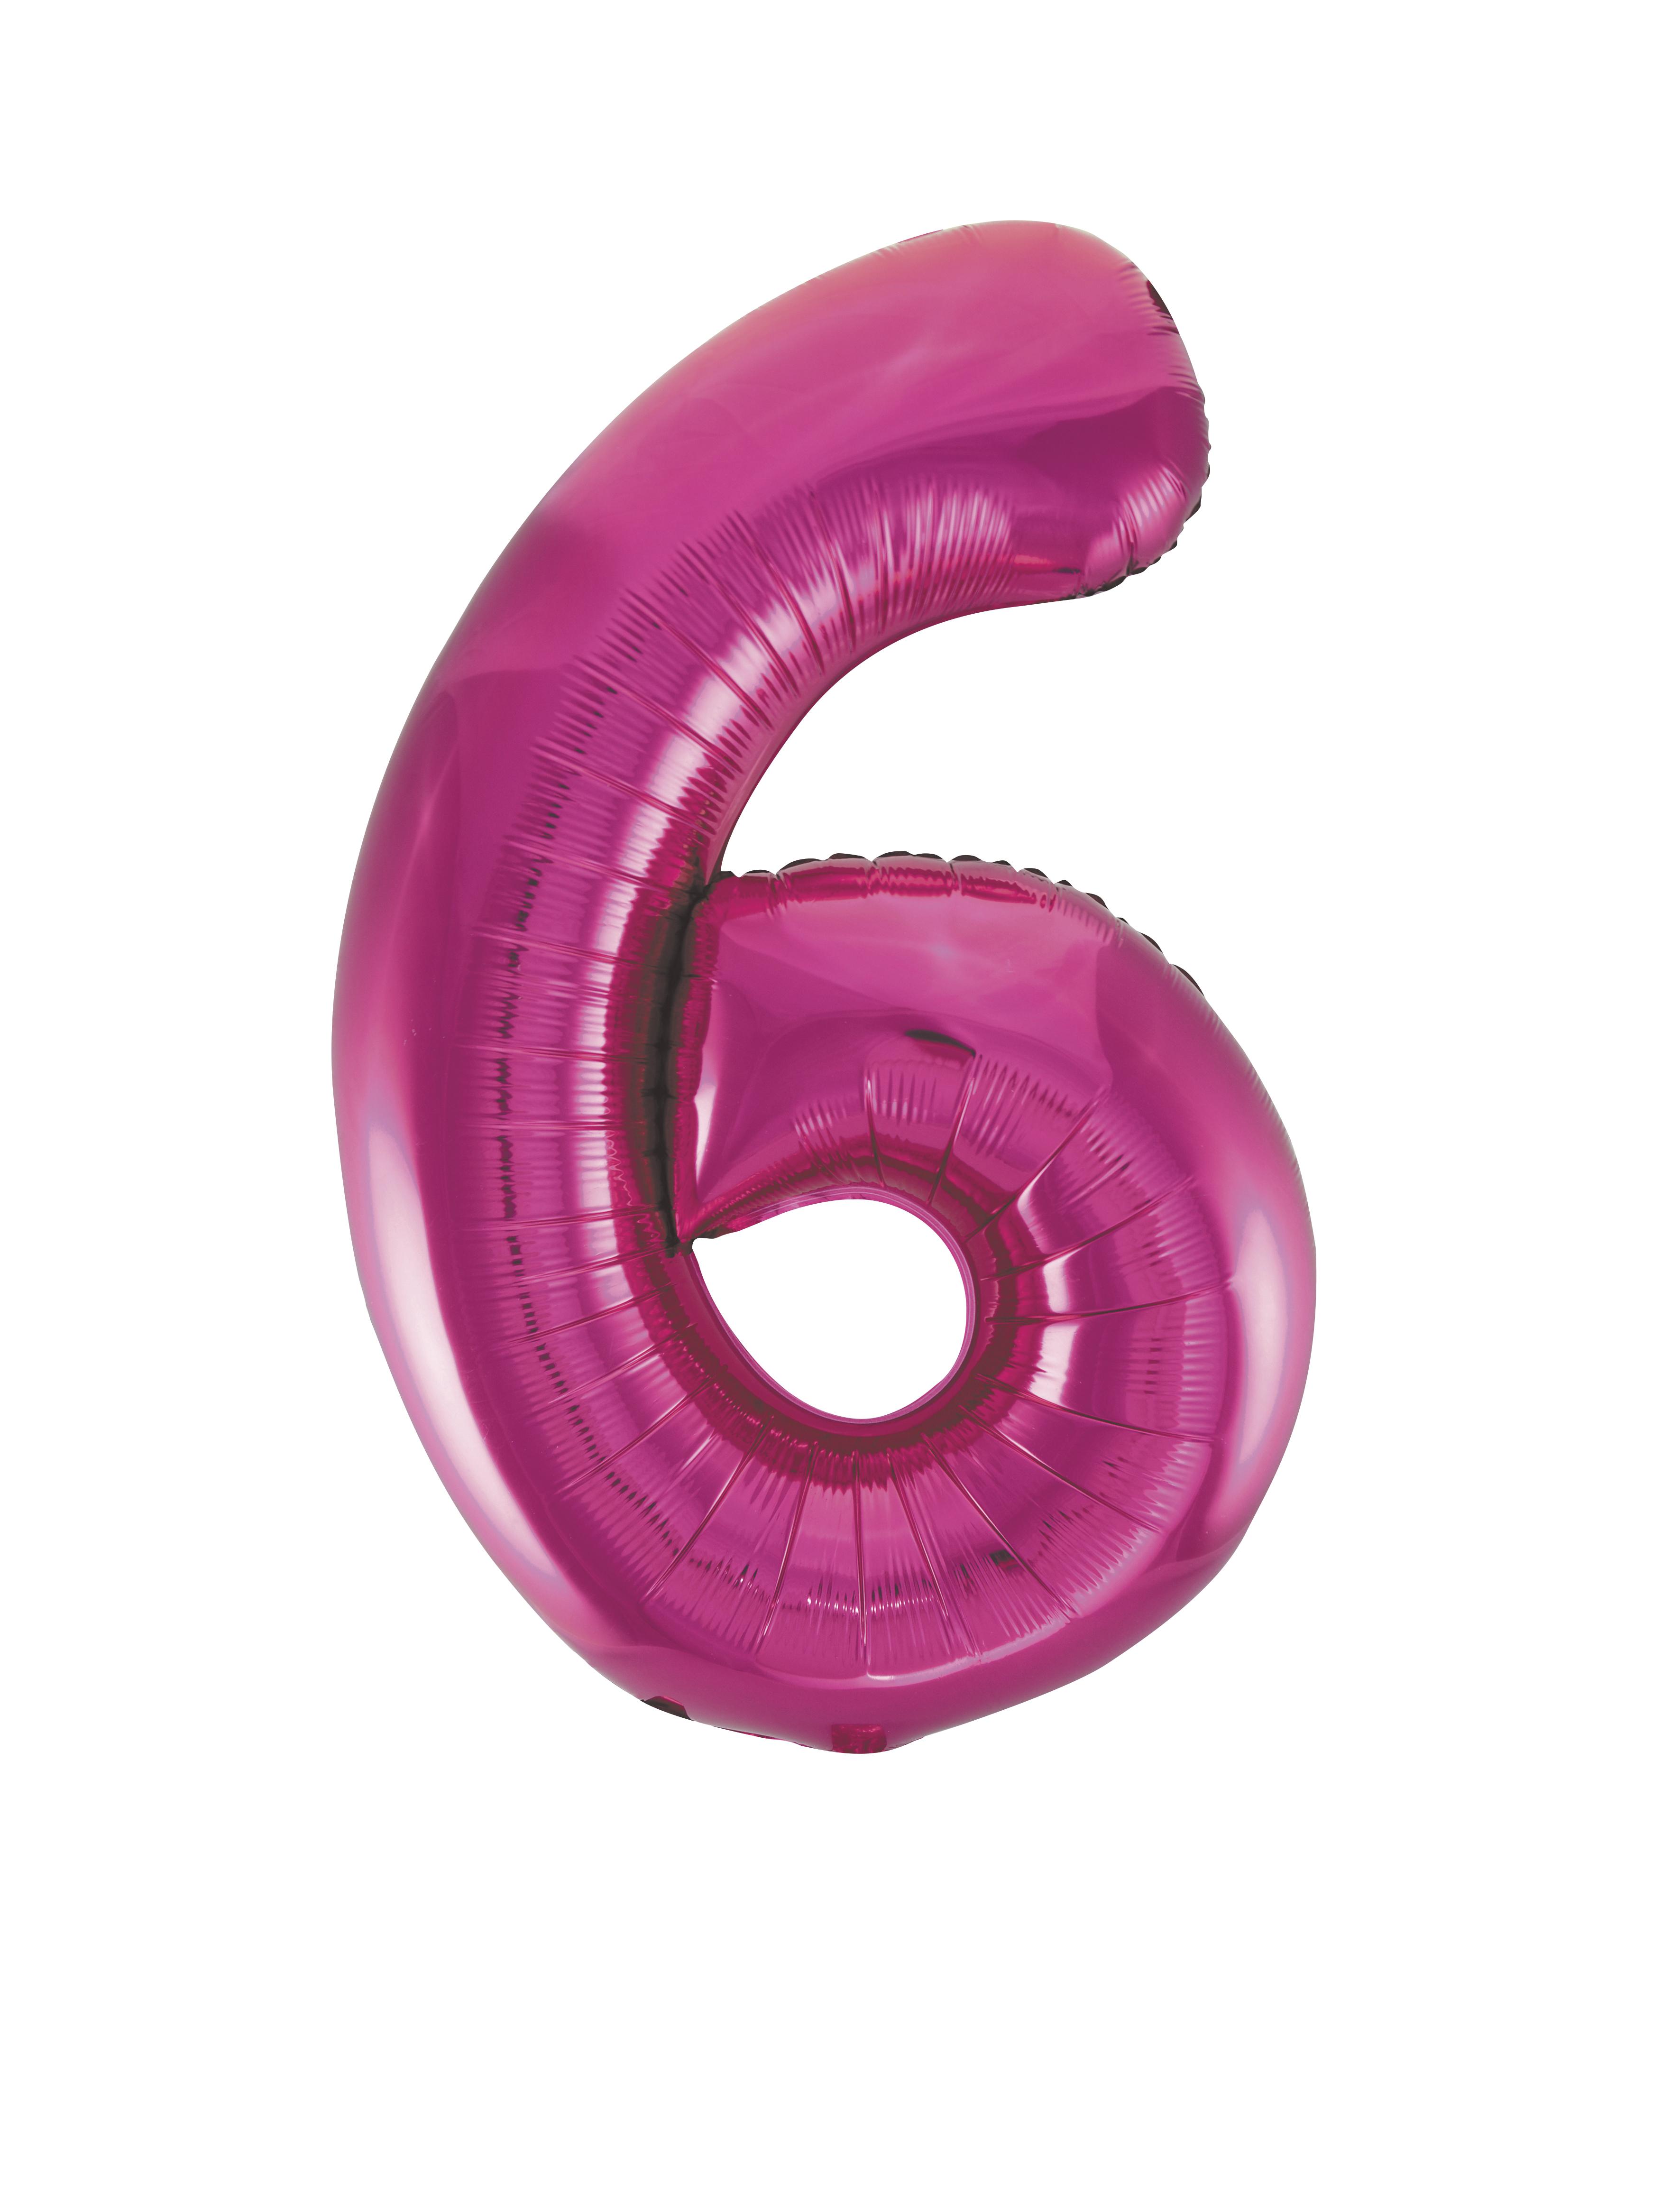 86-4cm-Geant-Aluminium-Numero-Rose-Helium-Gros-Ballons-Fete-D-039-Anniversaire miniature 15